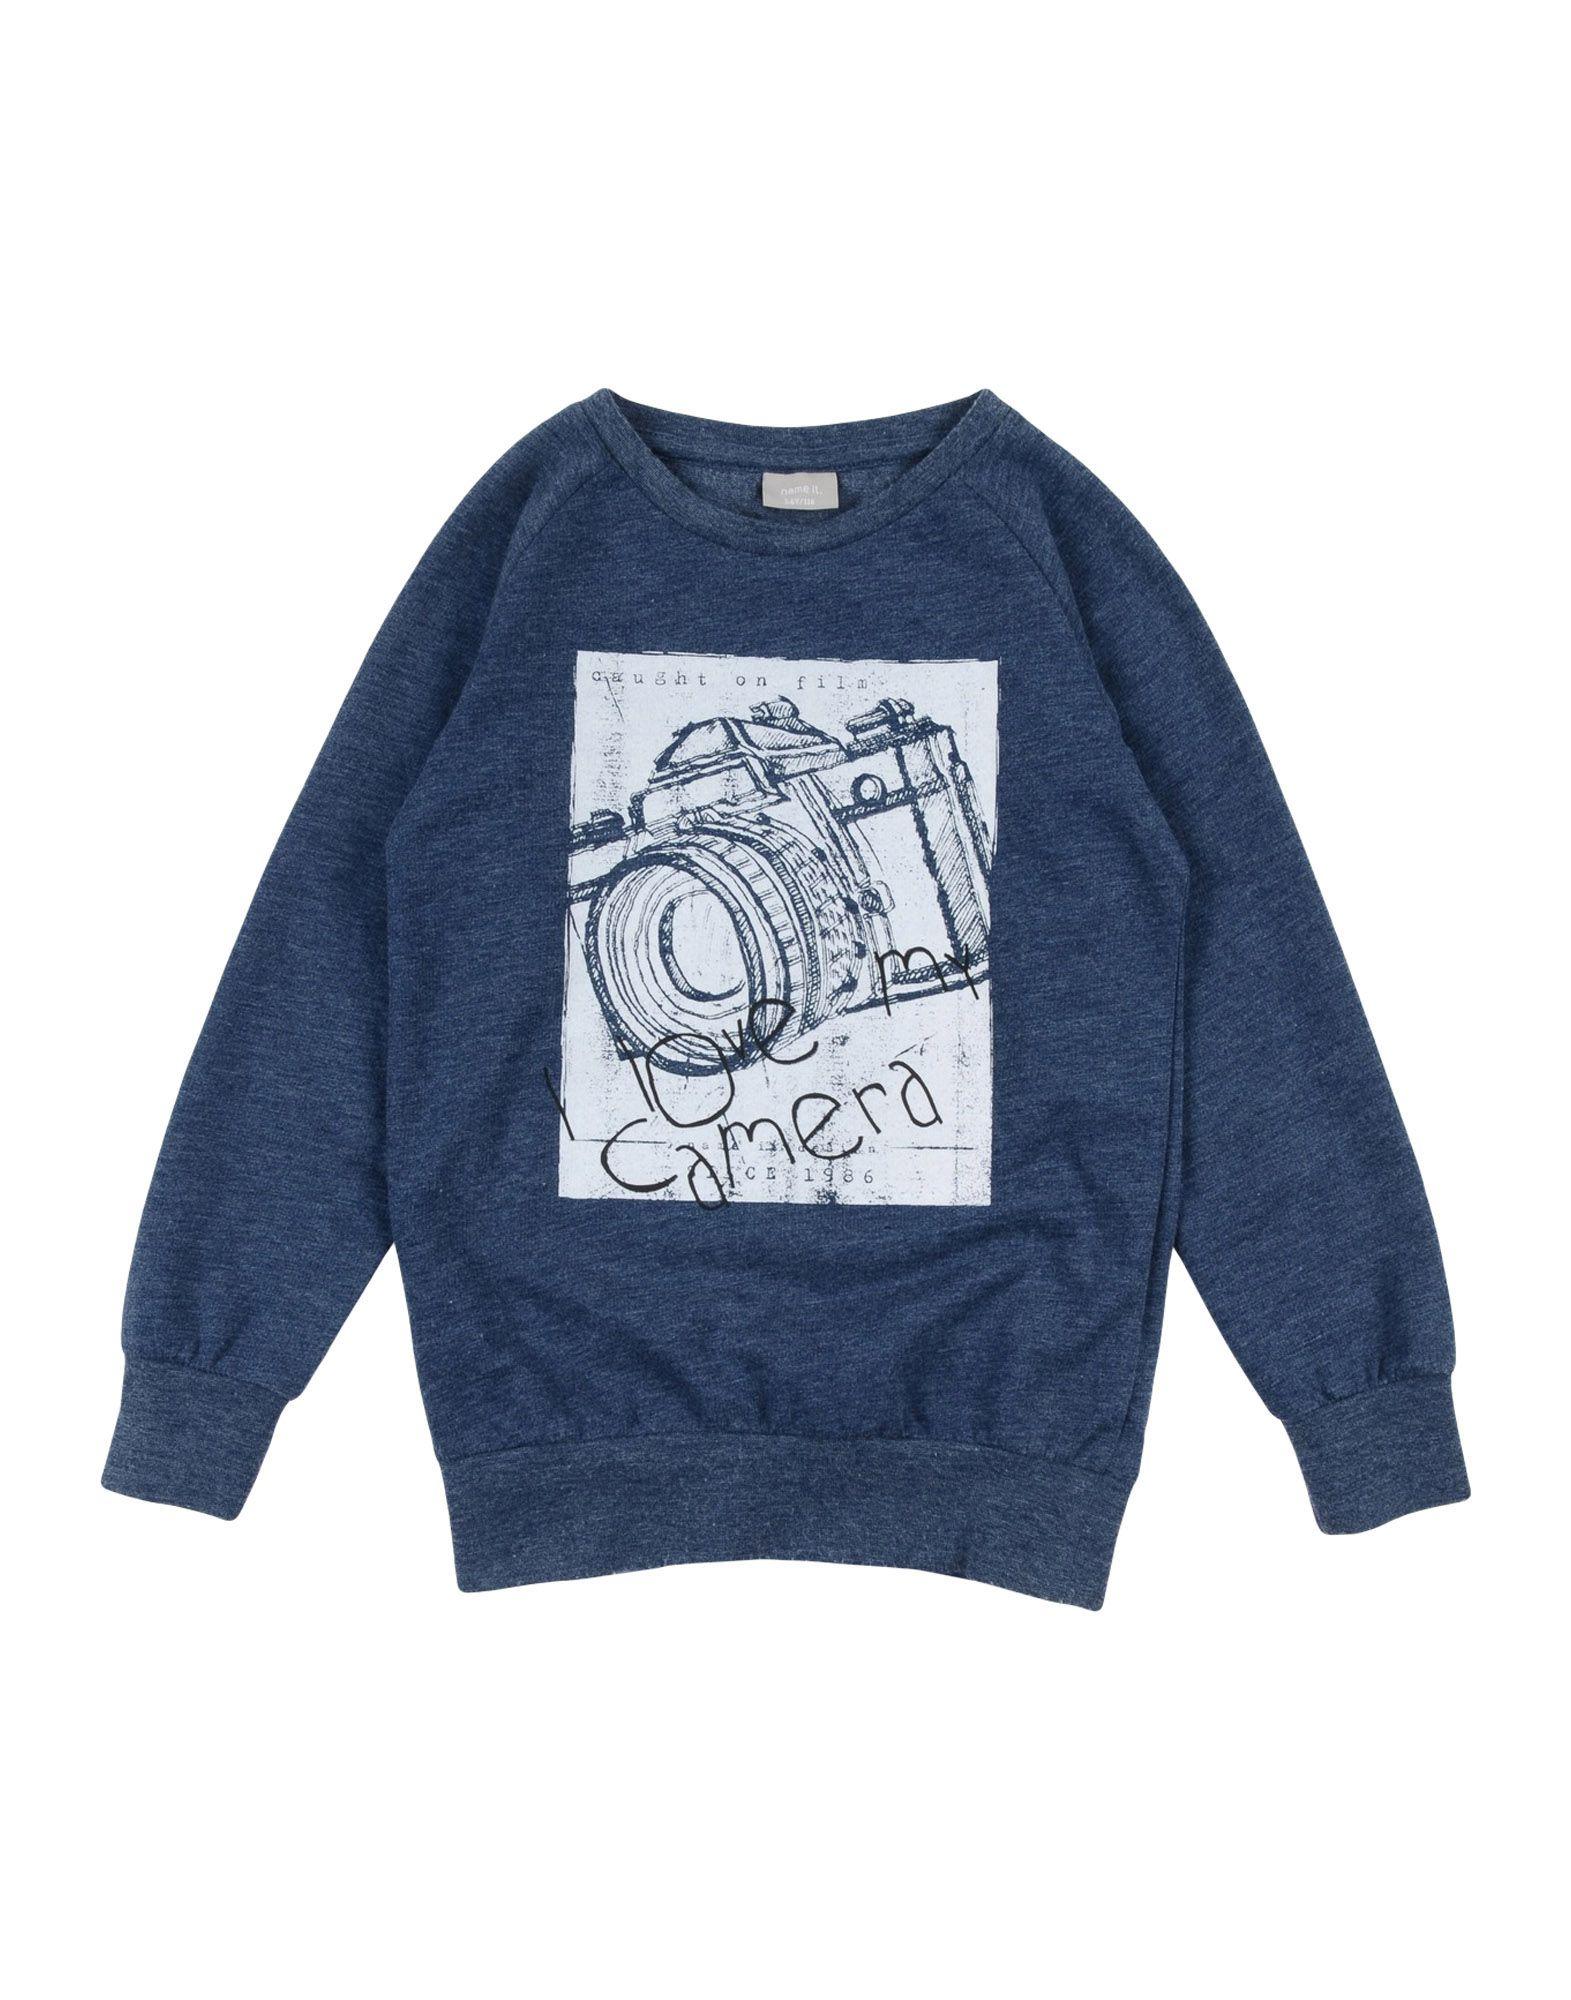 NAME IT® Jungen 3-8 jahre Sweatshirt3 blau